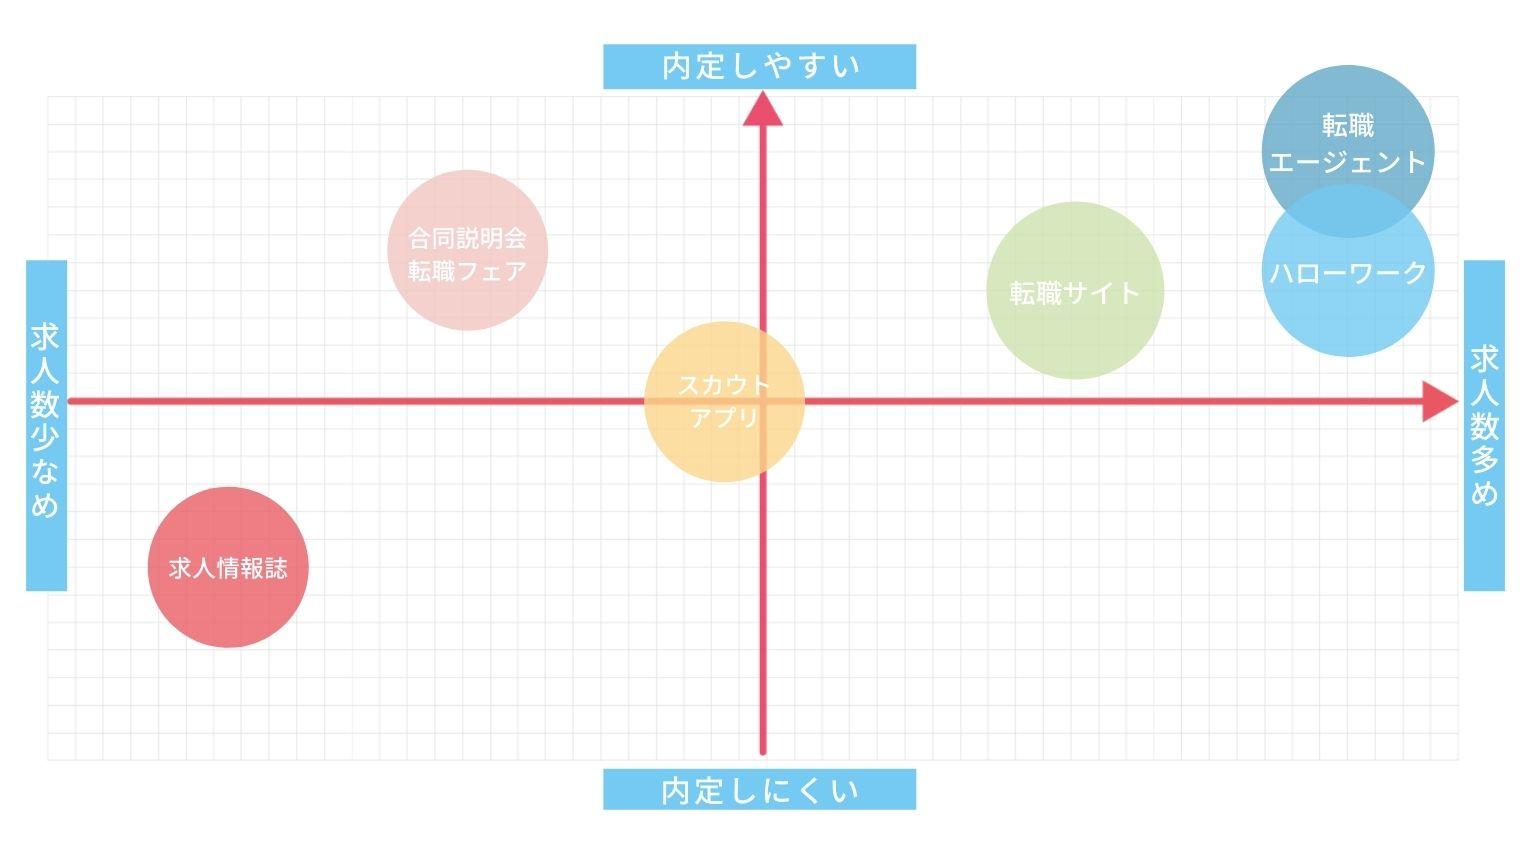 転職するアプローチ方法の比較